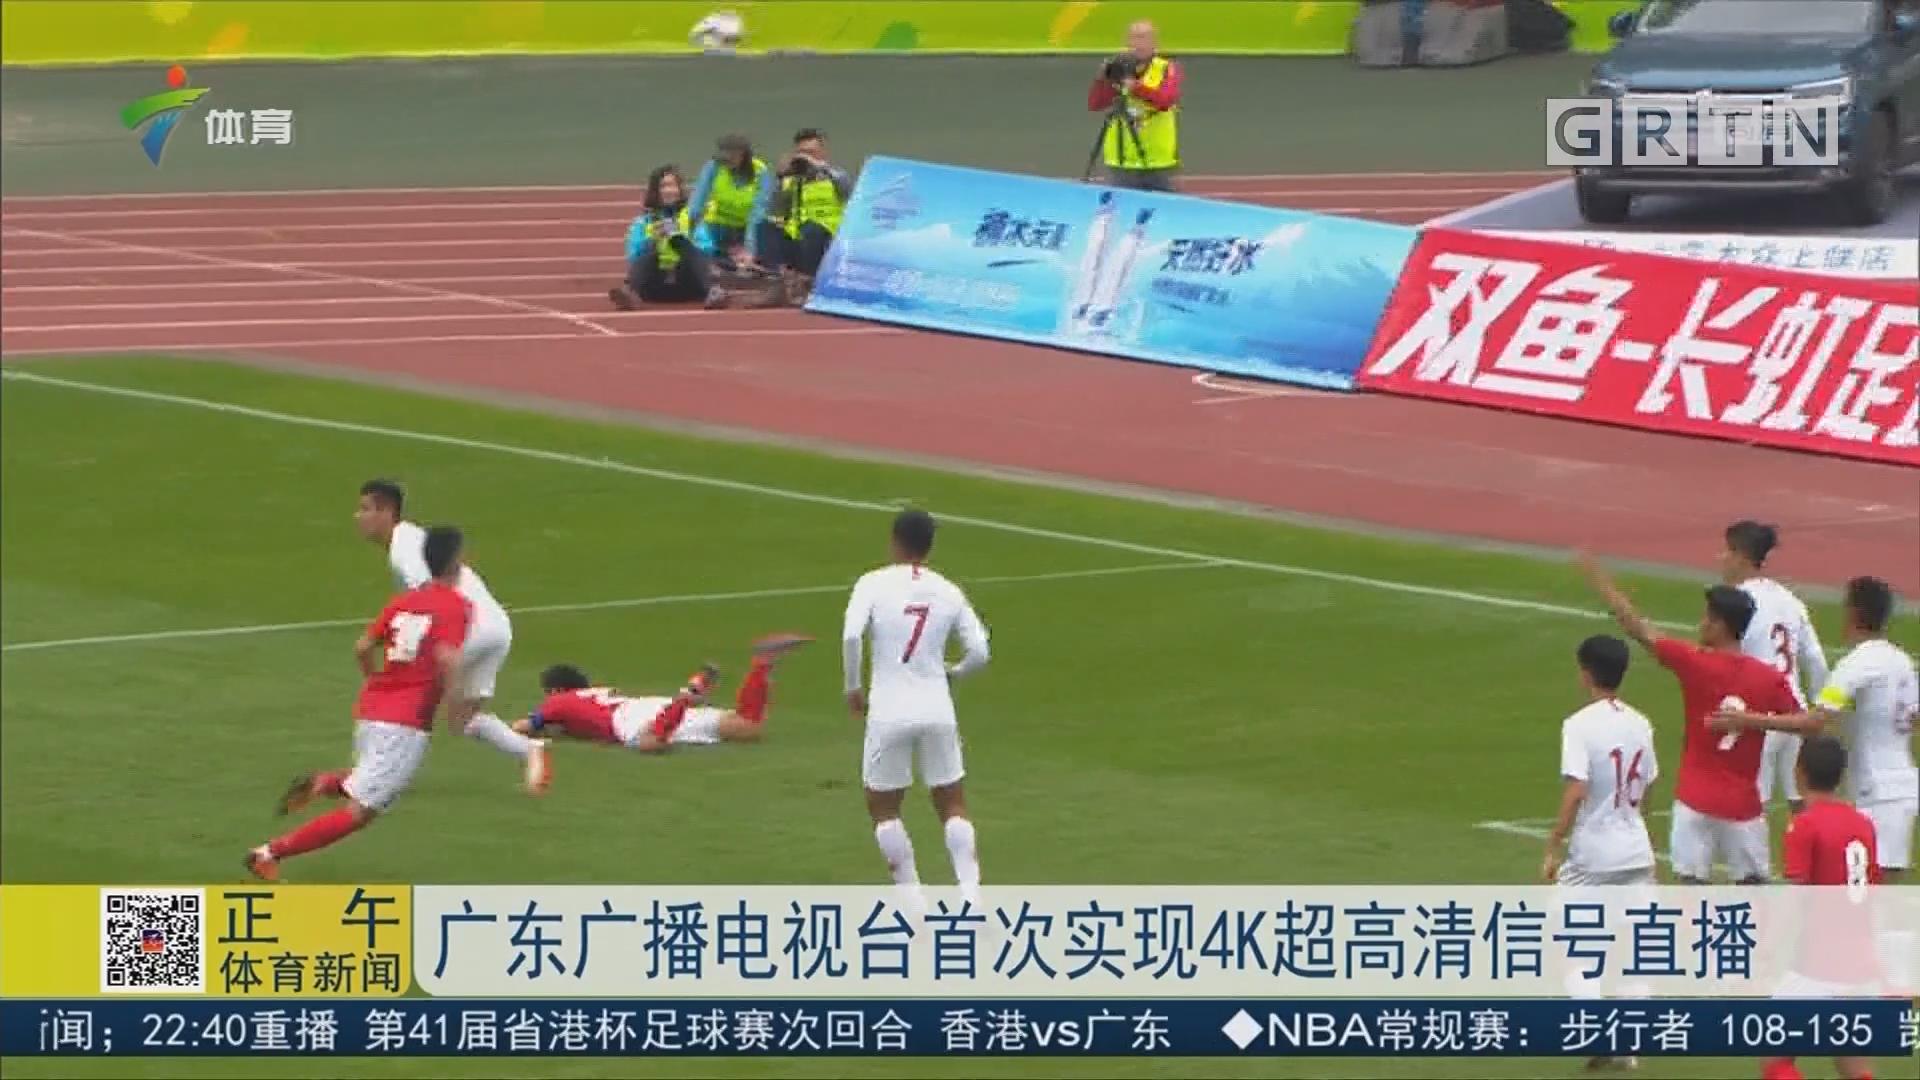 广东广播电视台首次实现4K超高清信号直播